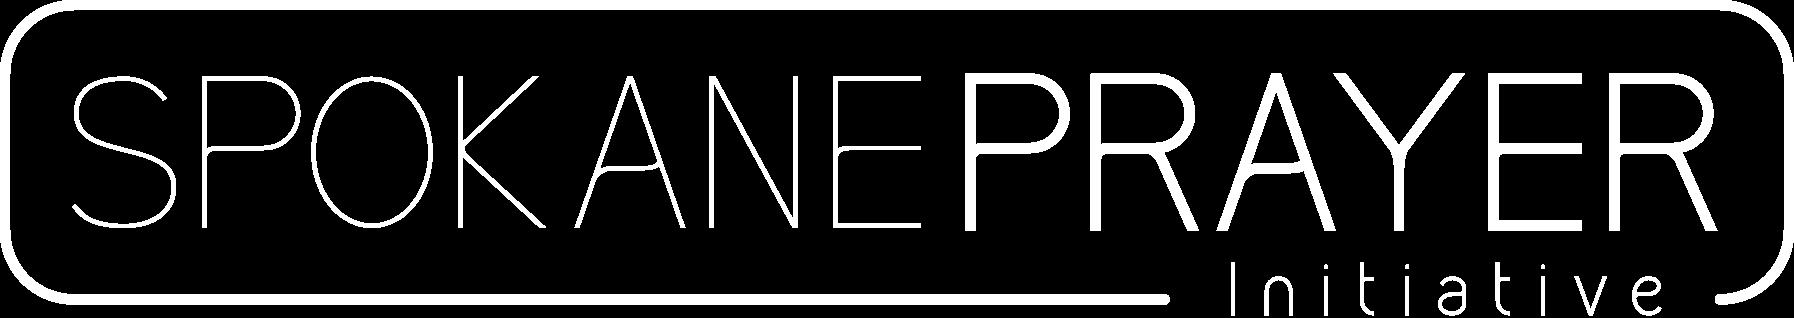 Spokane_Prayer_Initiative_Logo_White.png